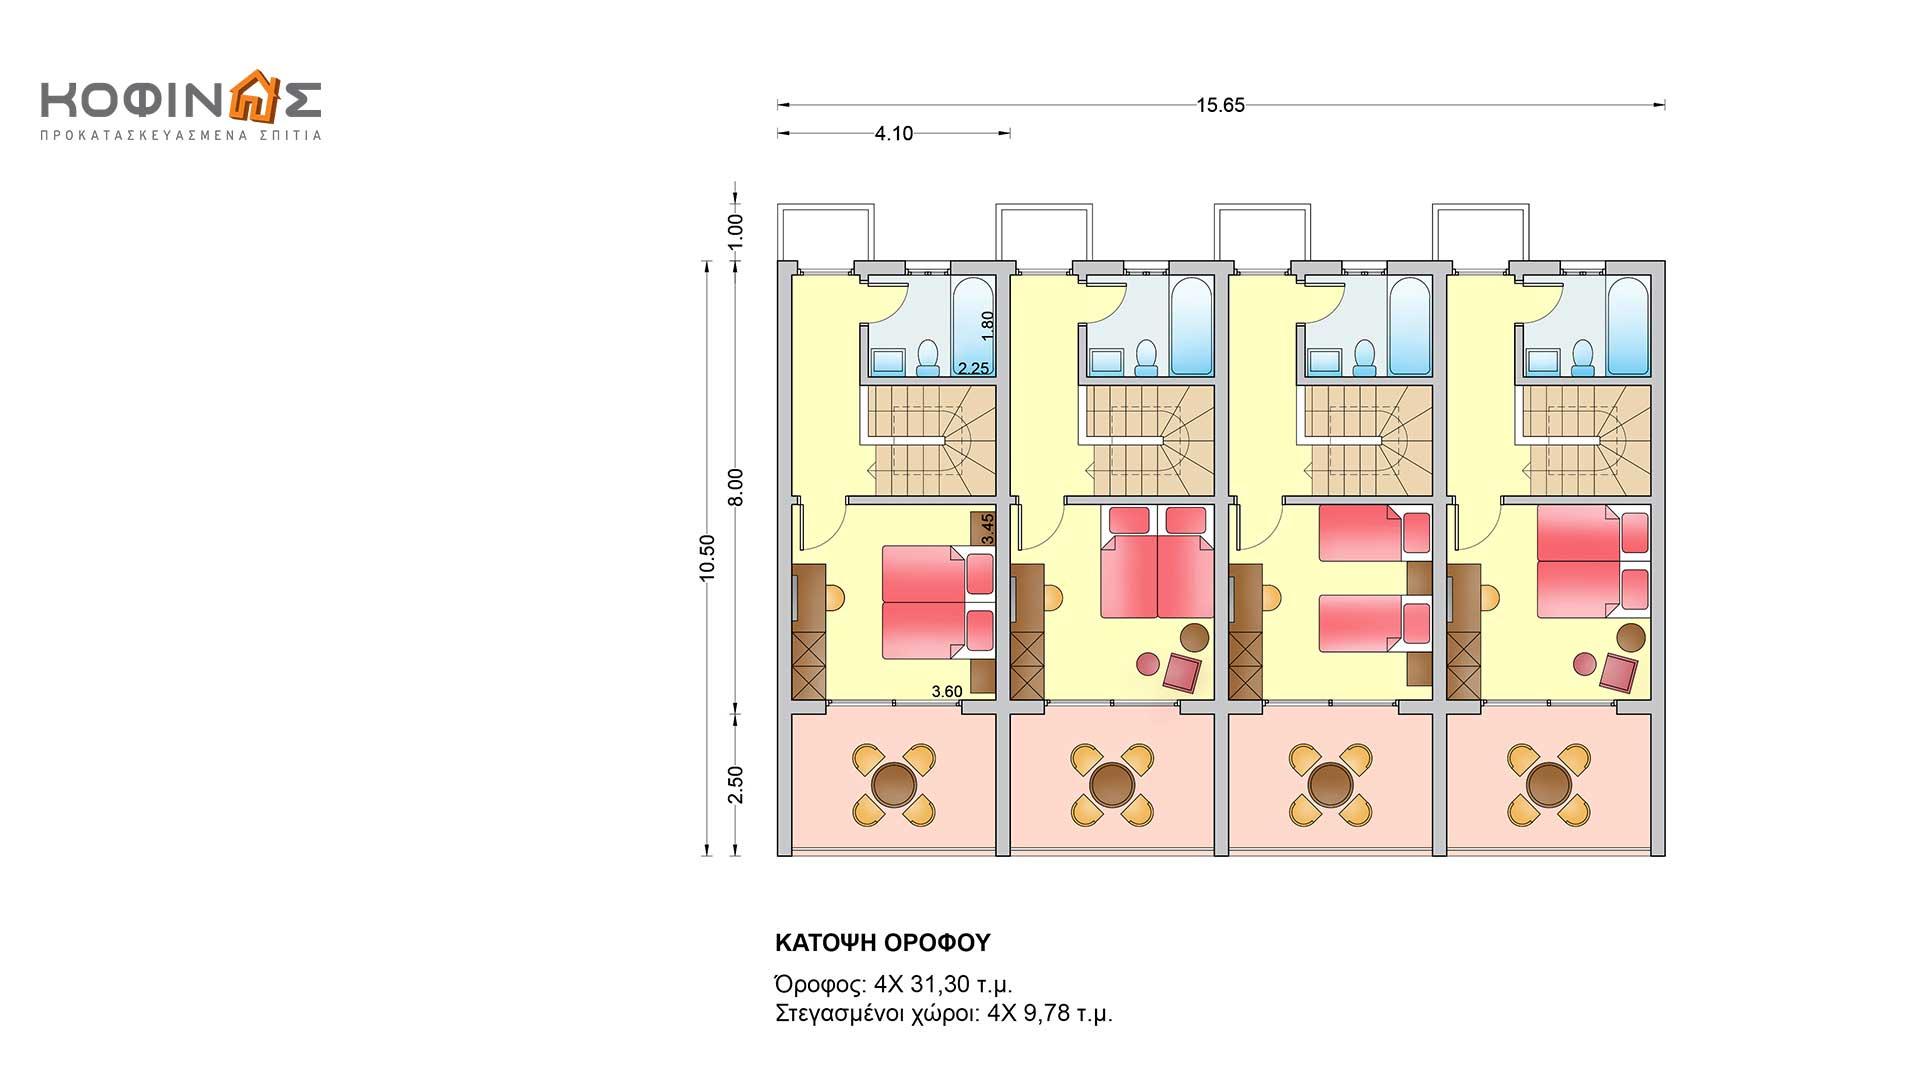 Συγκρότημα Κατοικιών E-62, συνολικής επιφάνειας 4 x 62,60 = 250,40 τ.μ.